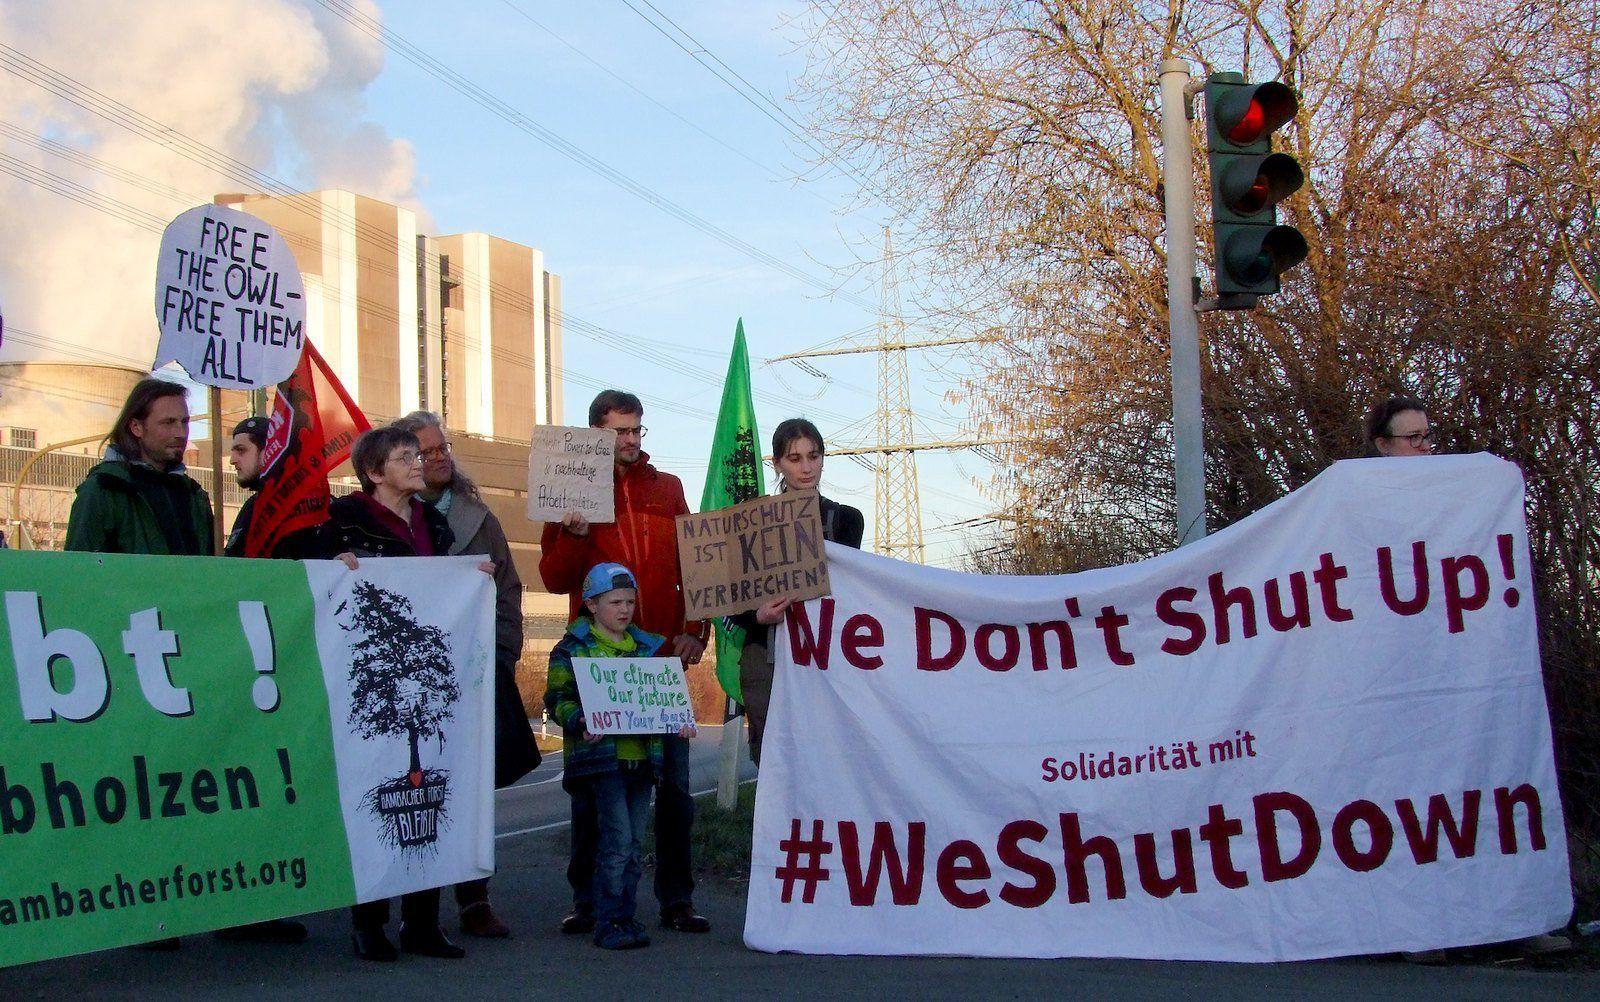 Duitse energiebedrijf RWE eist 2,07 miljoen euro schadevergoeding van klimaatactivisten